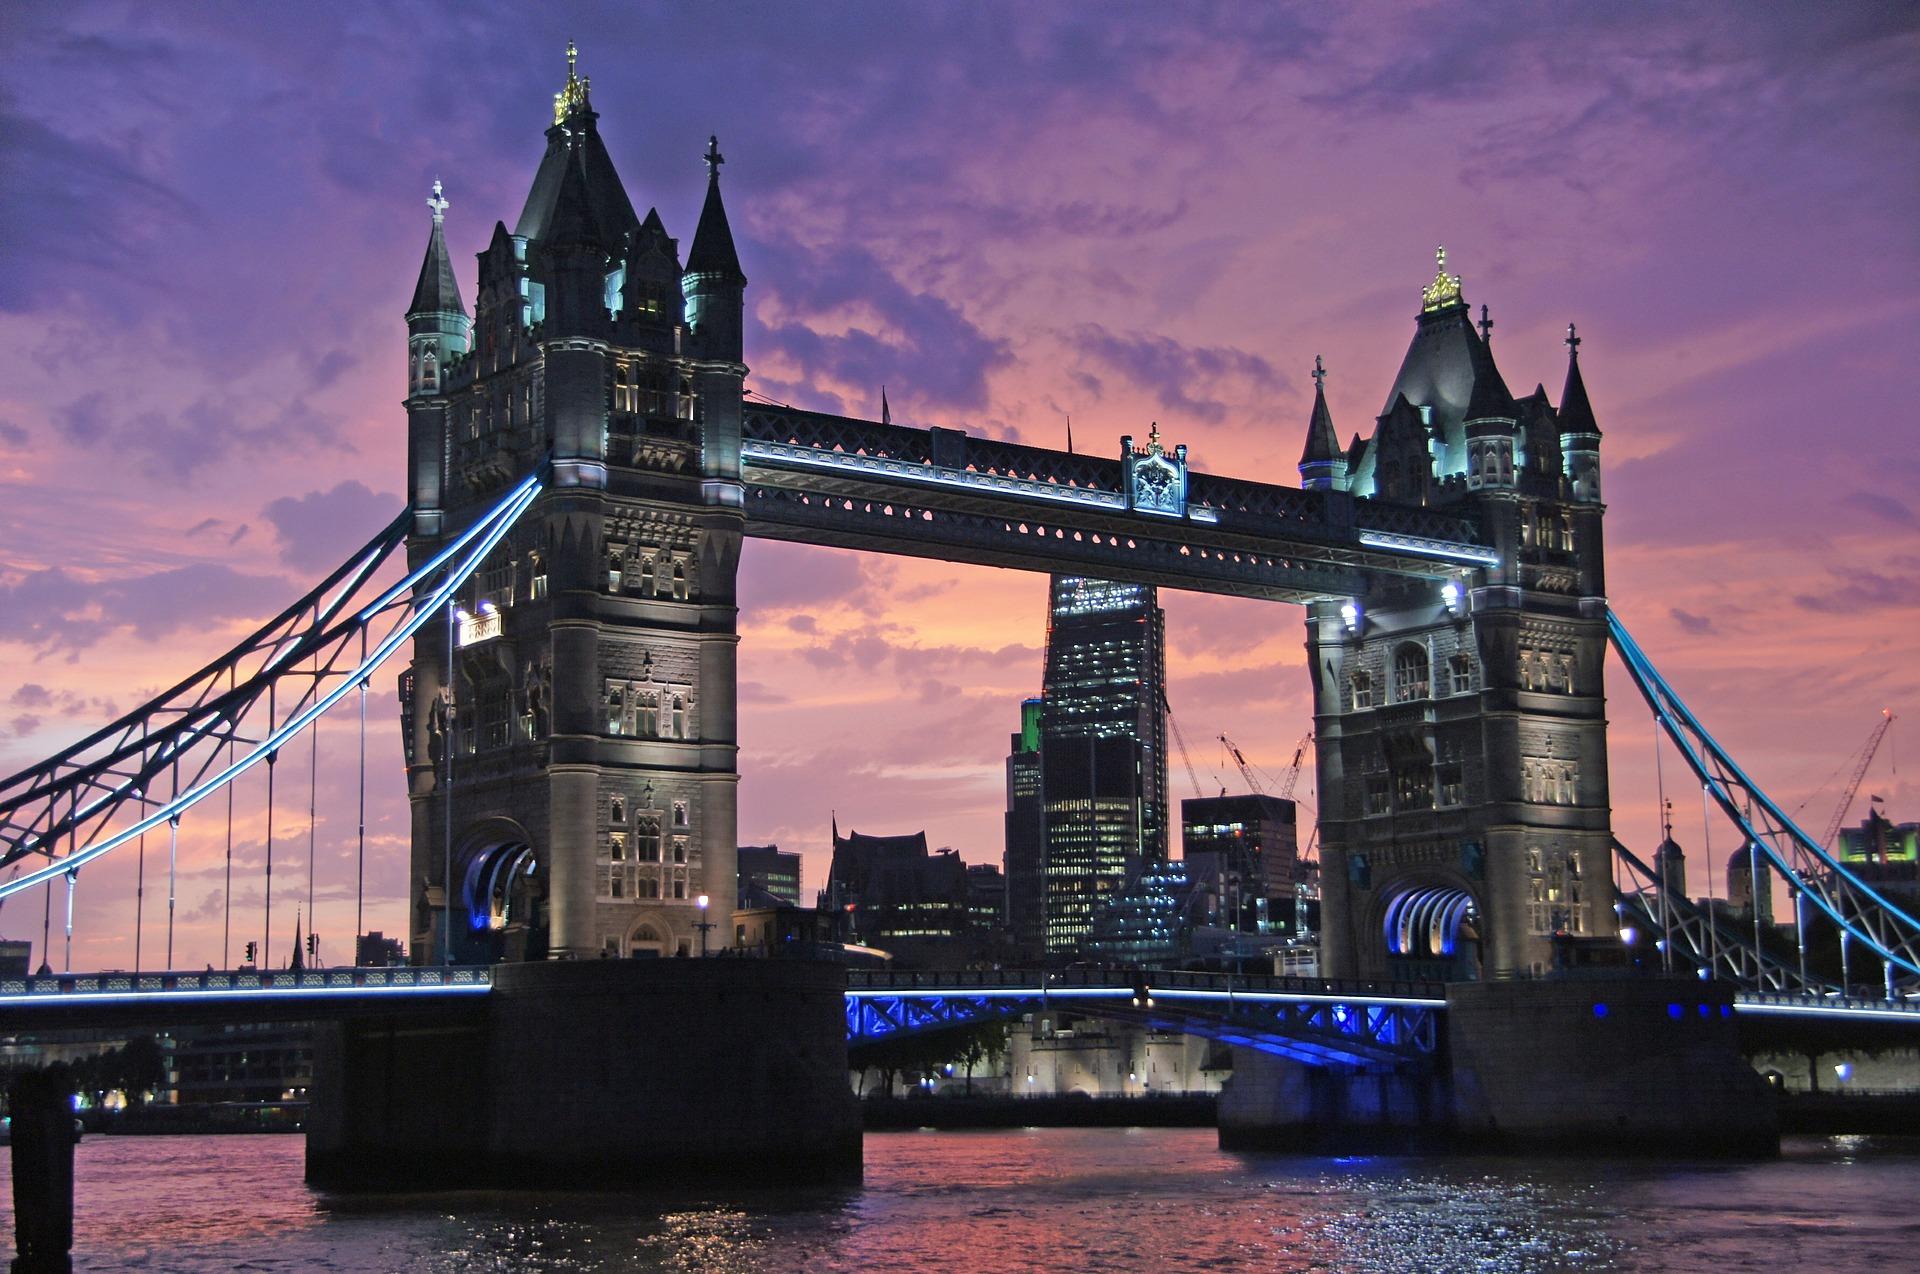 Tag på shoppetur i skønne London med et billigt lån